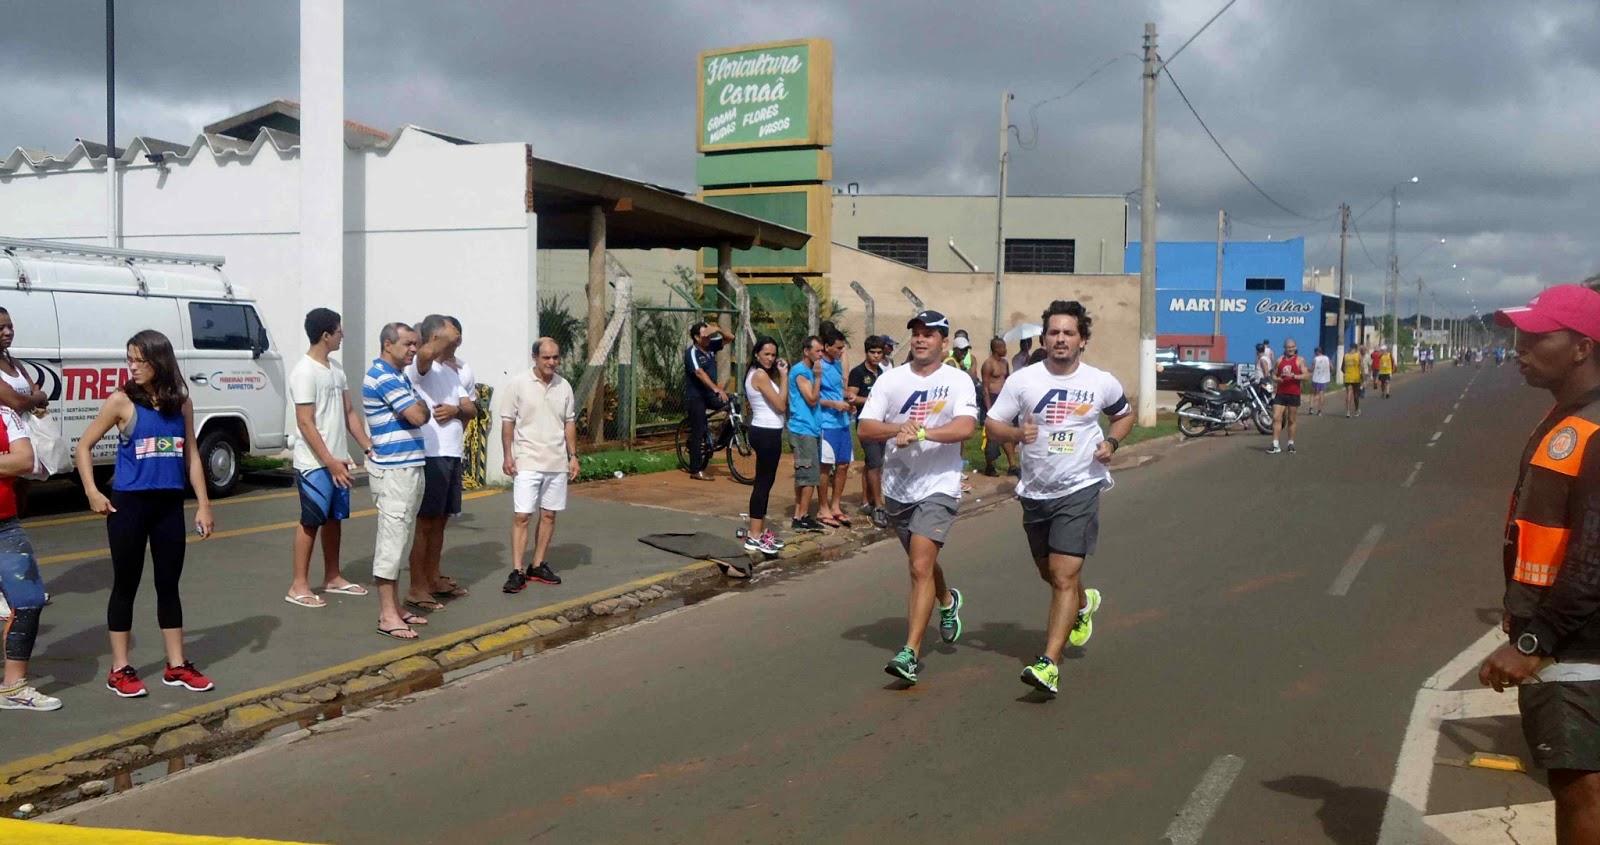 Foto 164 da 1ª Corrida Av. dos Coqueiros em Barretos-SP 14/04/2013 – Atletas cruzando a linha de chegada